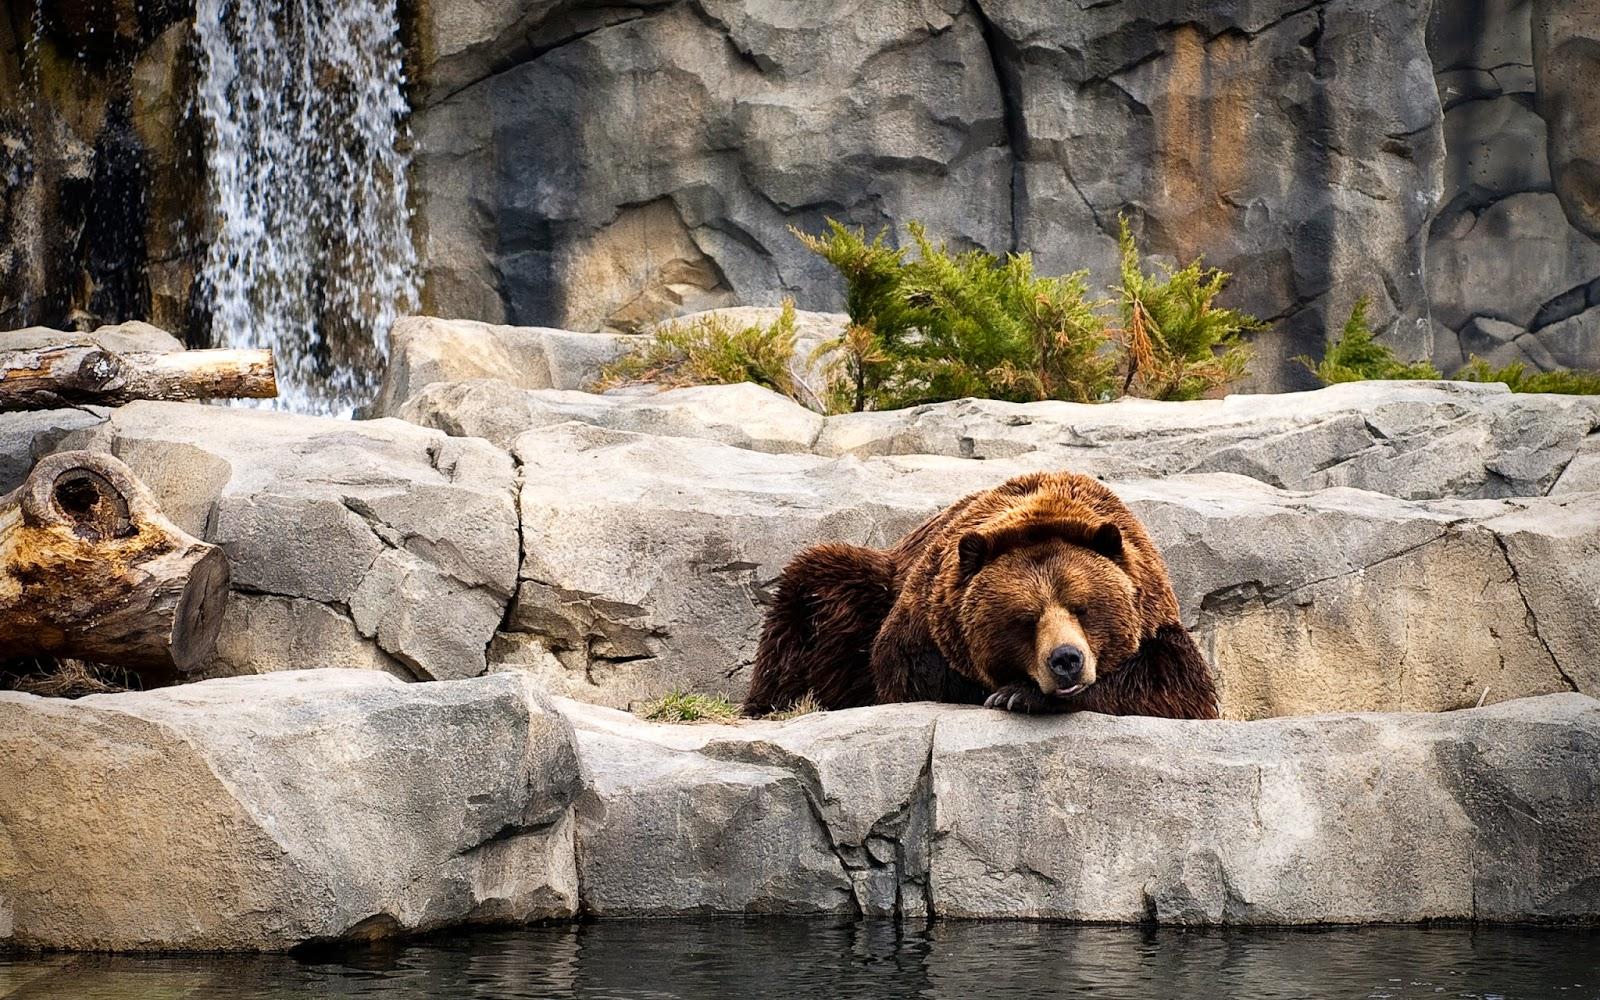 Wallpaper met een bruine beer in een dierentuin